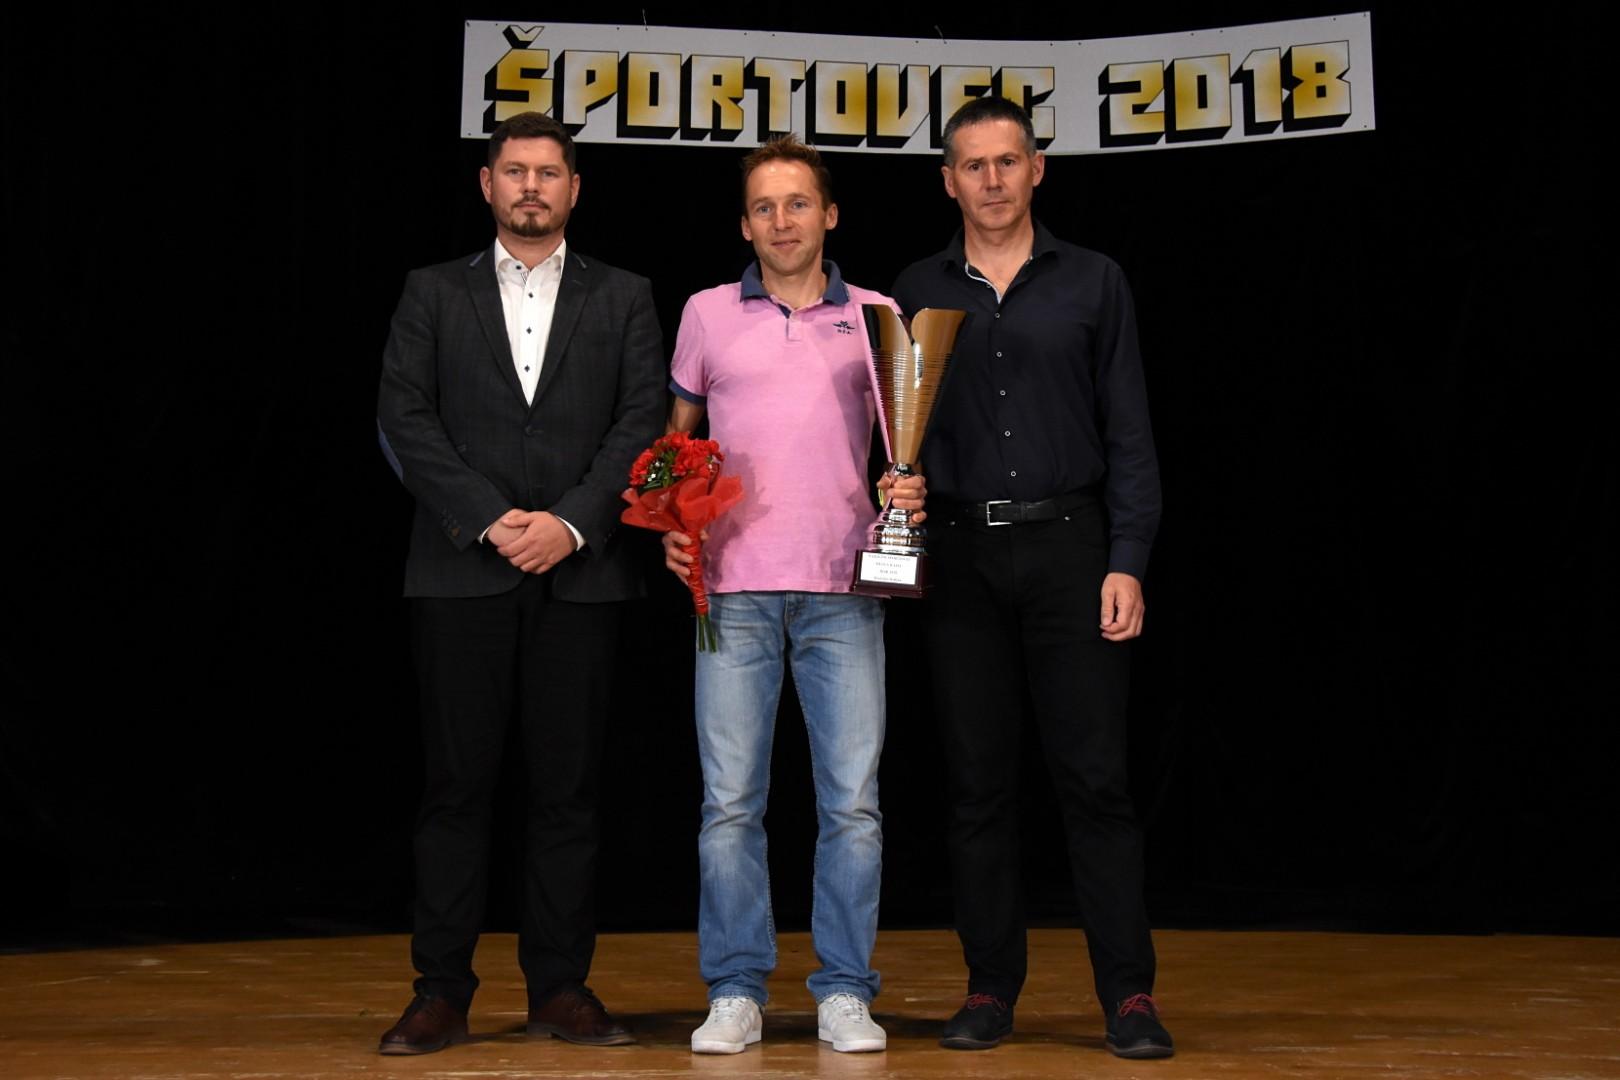 Športovec roka - najlepším športovcom Rajca za rok 2018 stal Rastislav Kalina bývalý hráč a tréner FK Rajec, ktorý sa momentálne úspešne venuje maratónskemu behu a touto cestou mu k jeho oceneniu gratulujeme